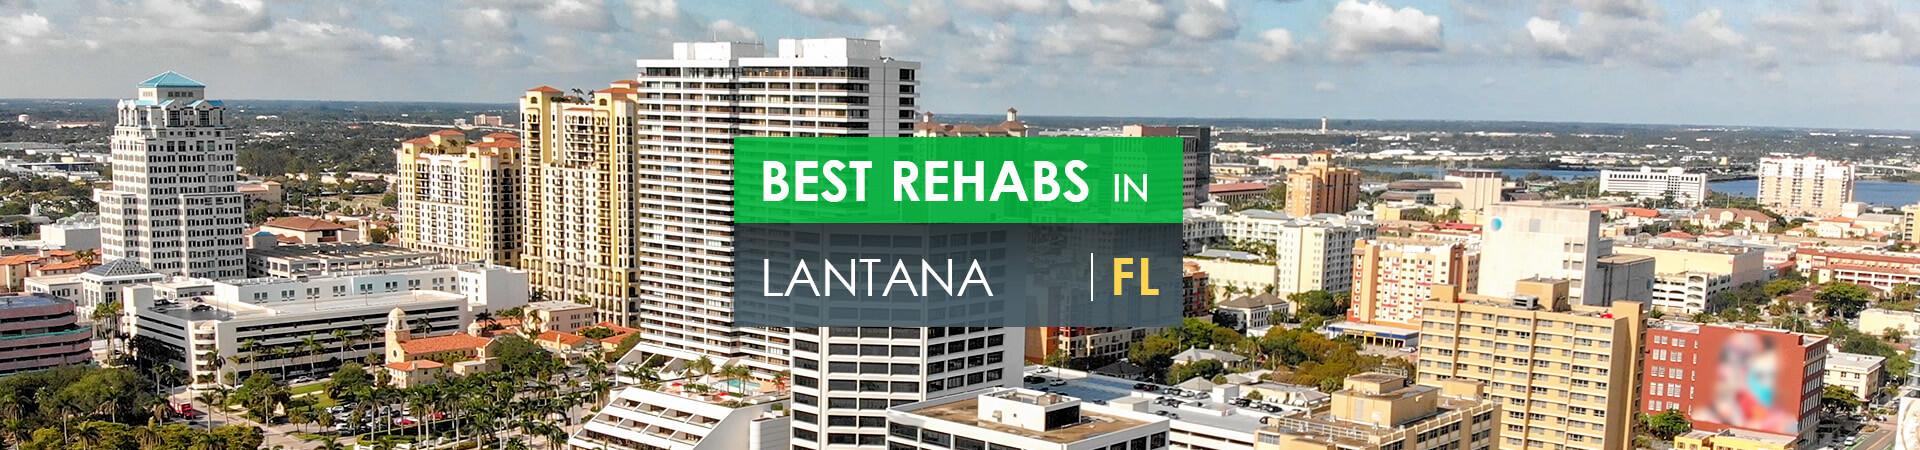 Best rehabs in Lantana, FL